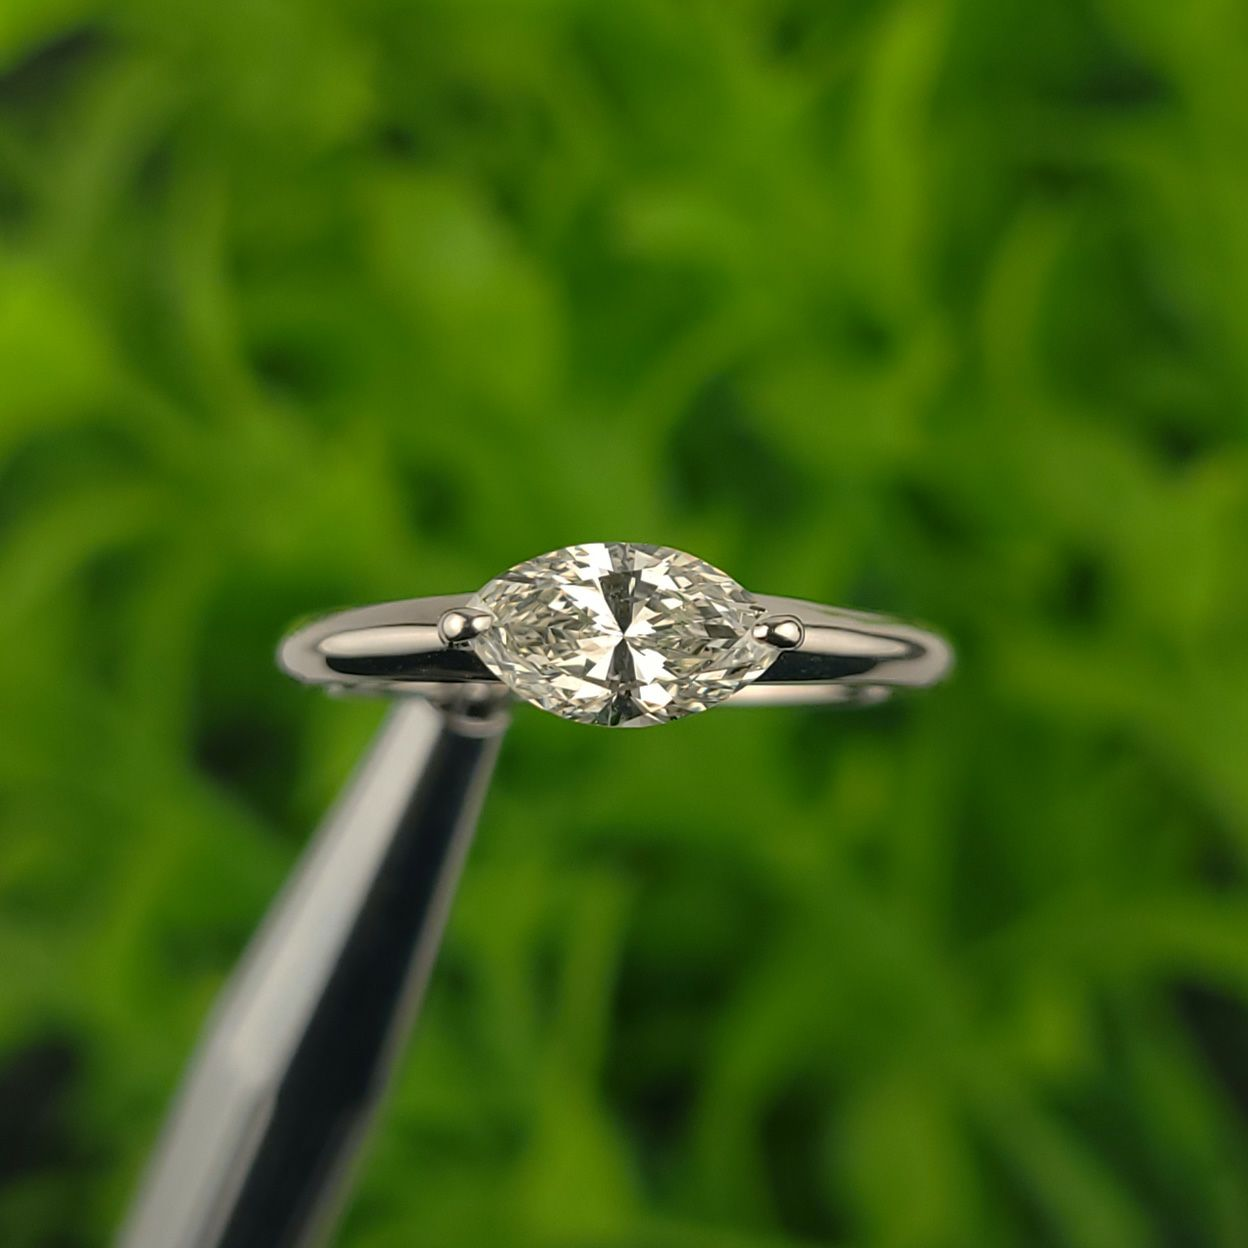 em7392 ダイアモンドマーキスカット0.66ctプラチナリング(中央宝石研究所ダイアモンドソーティング付)